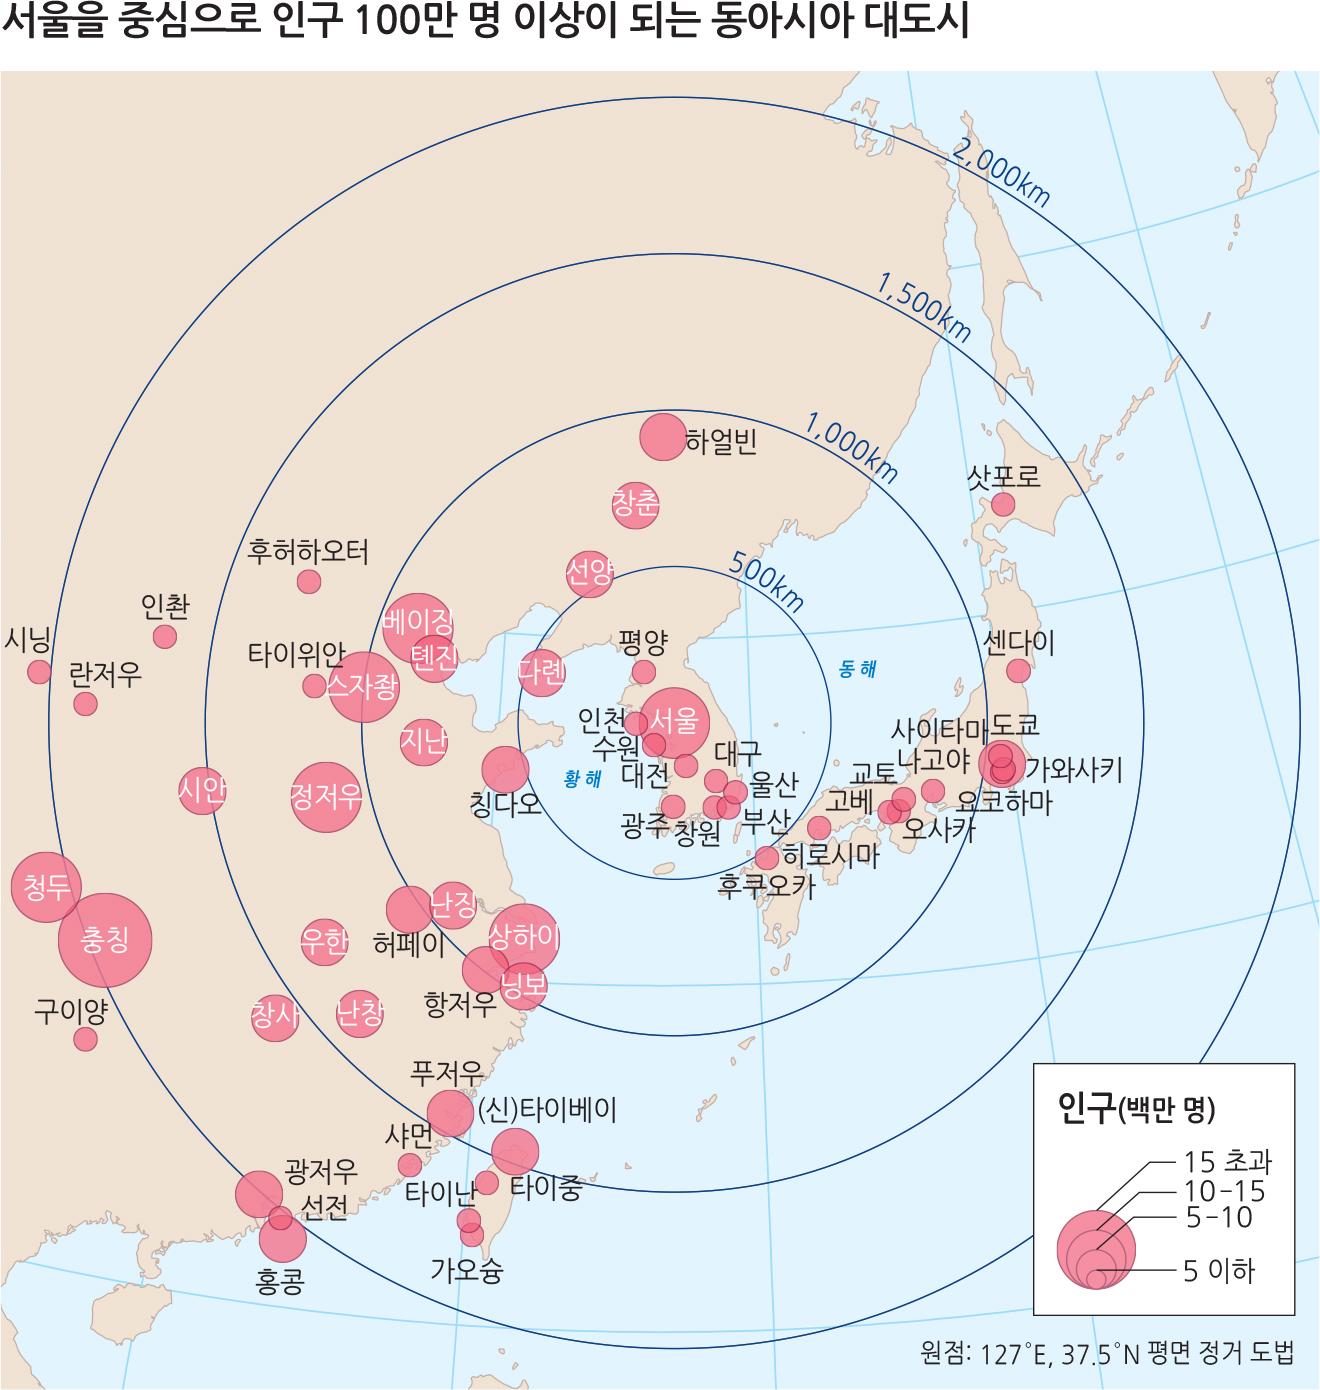 서울을 중심으로 인구 100만 명 이상이 되는 동아시아 대도시